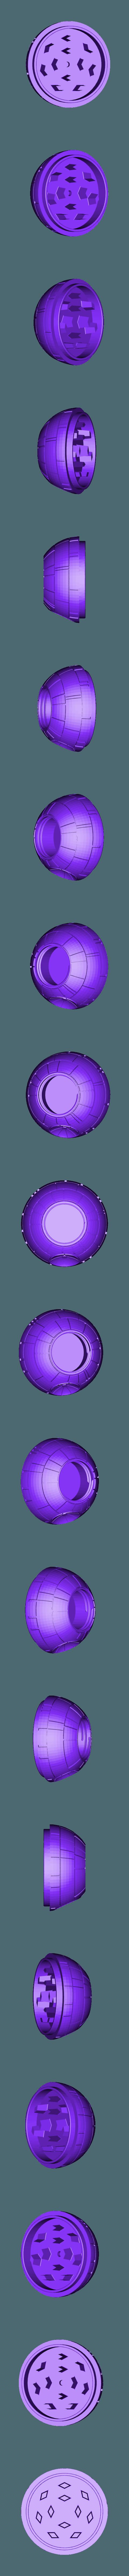 Todesstern Grinder 2.STL Télécharger fichier STL gratuit Deadstar Grinder V2 • Plan à imprimer en 3D, SLIDES